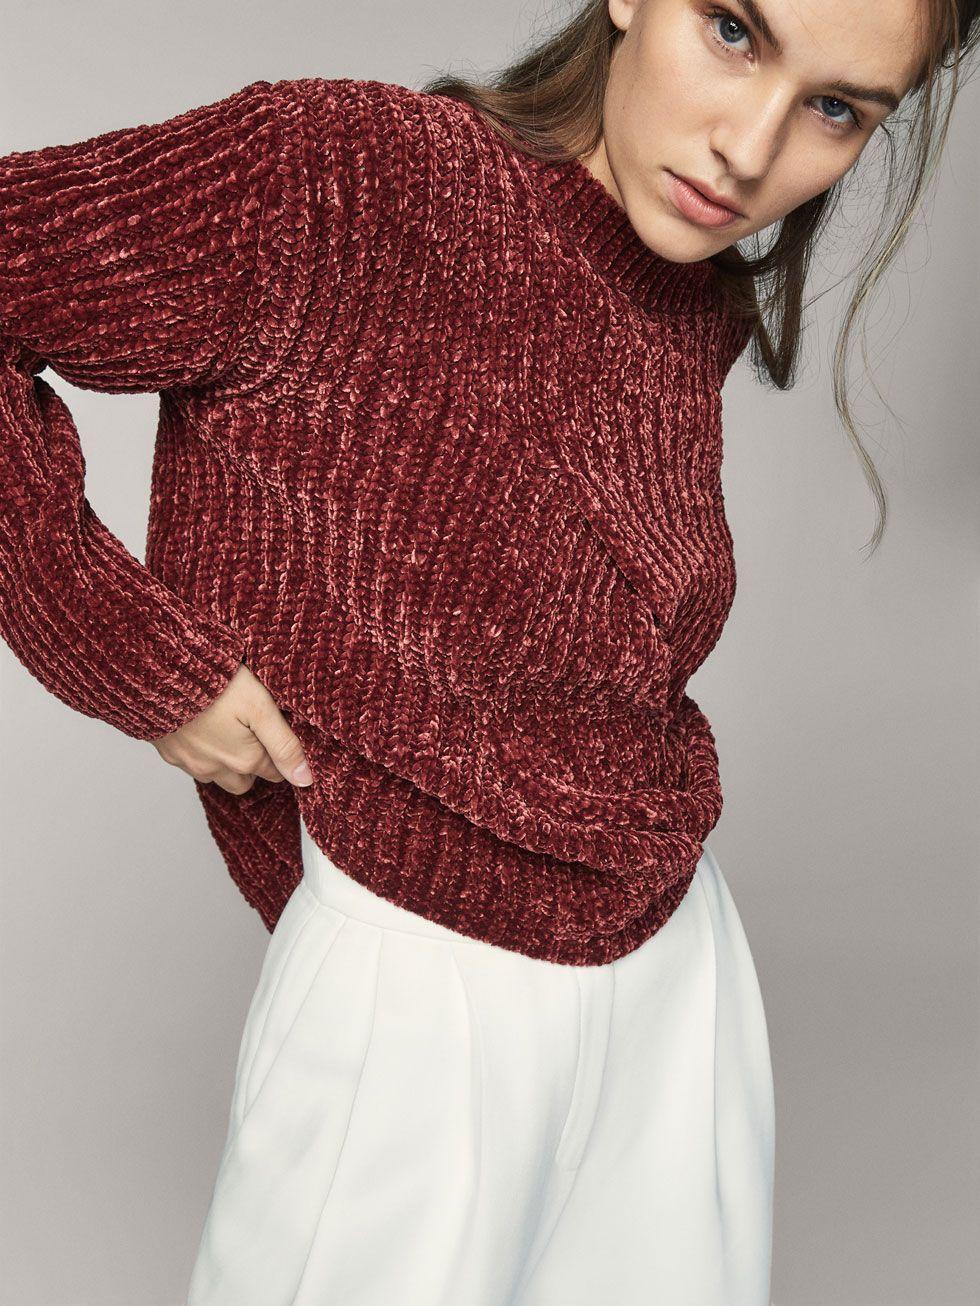 Resultado de imagen de jersey chenilla rojo con pantalones